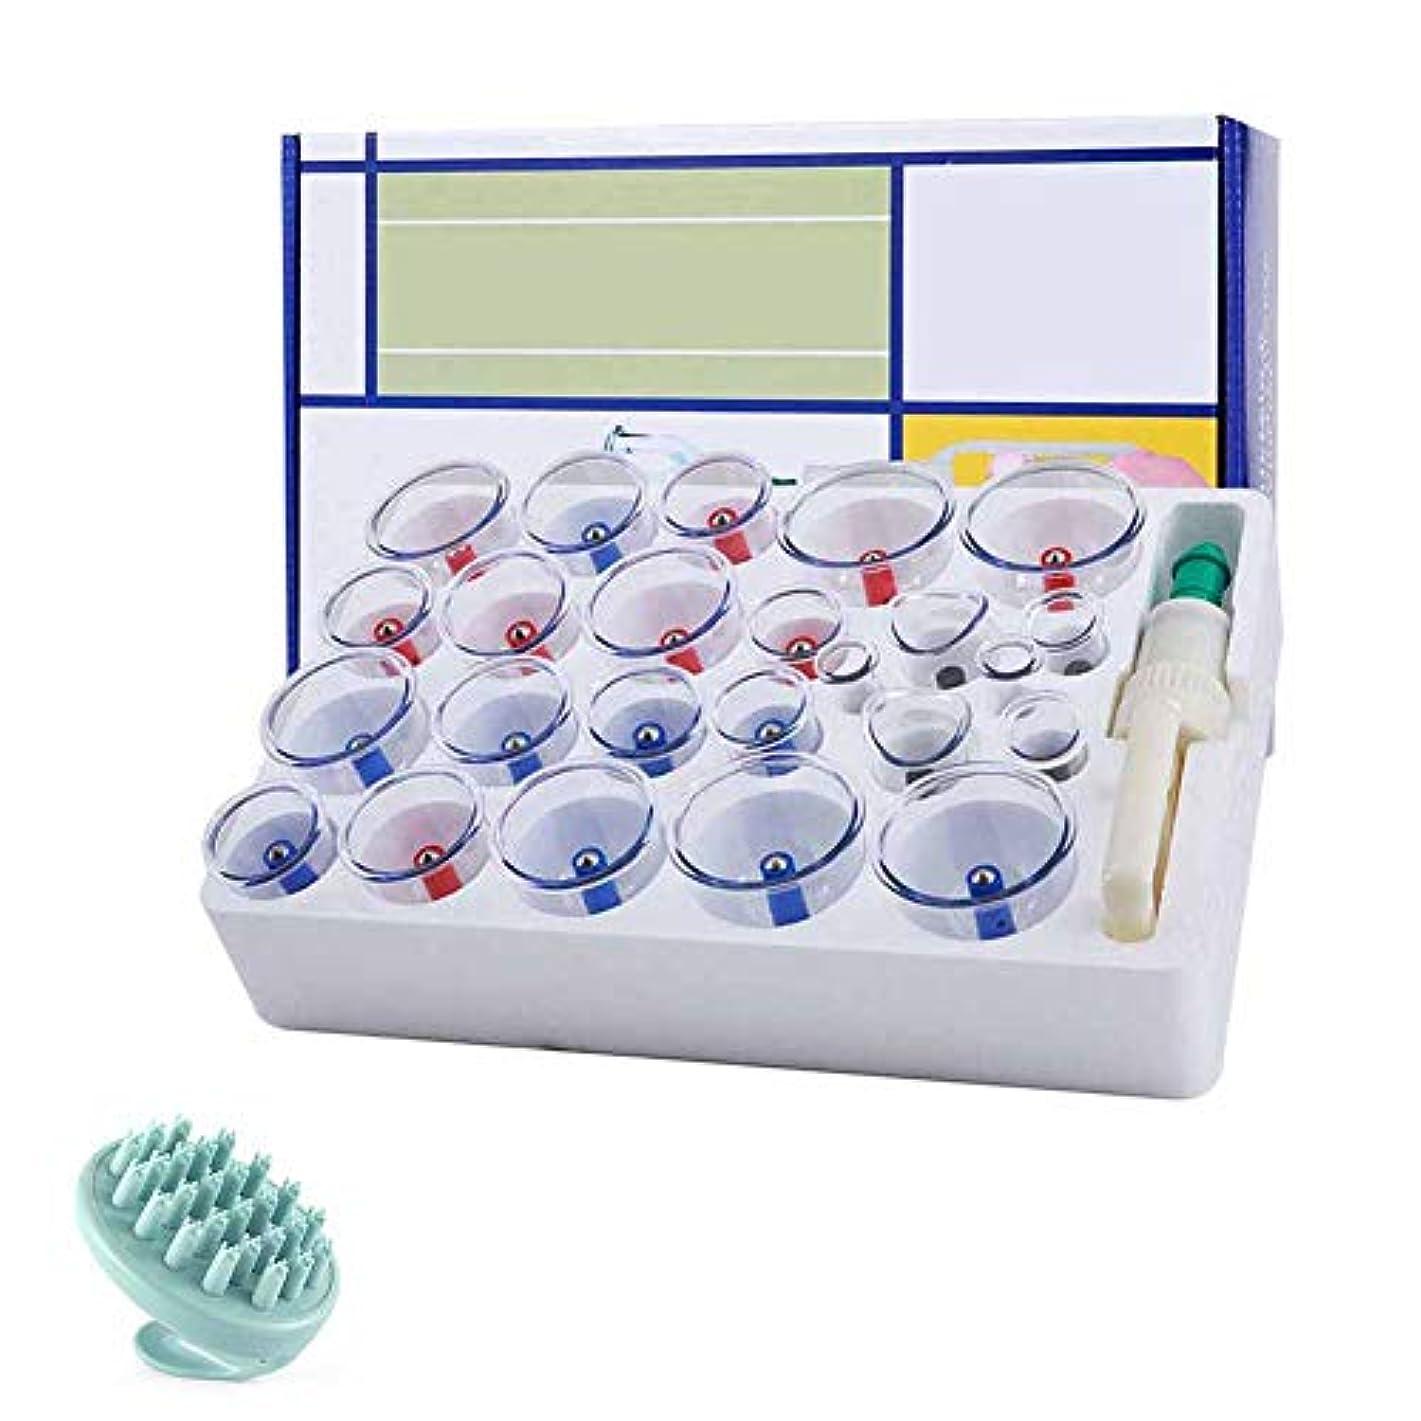 ドリンク額冷淡な24カップマッサージカッピングセット、真空吸引生体磁気、ボディマッサージの痛みの緩和のための家理学療法排泄毒素